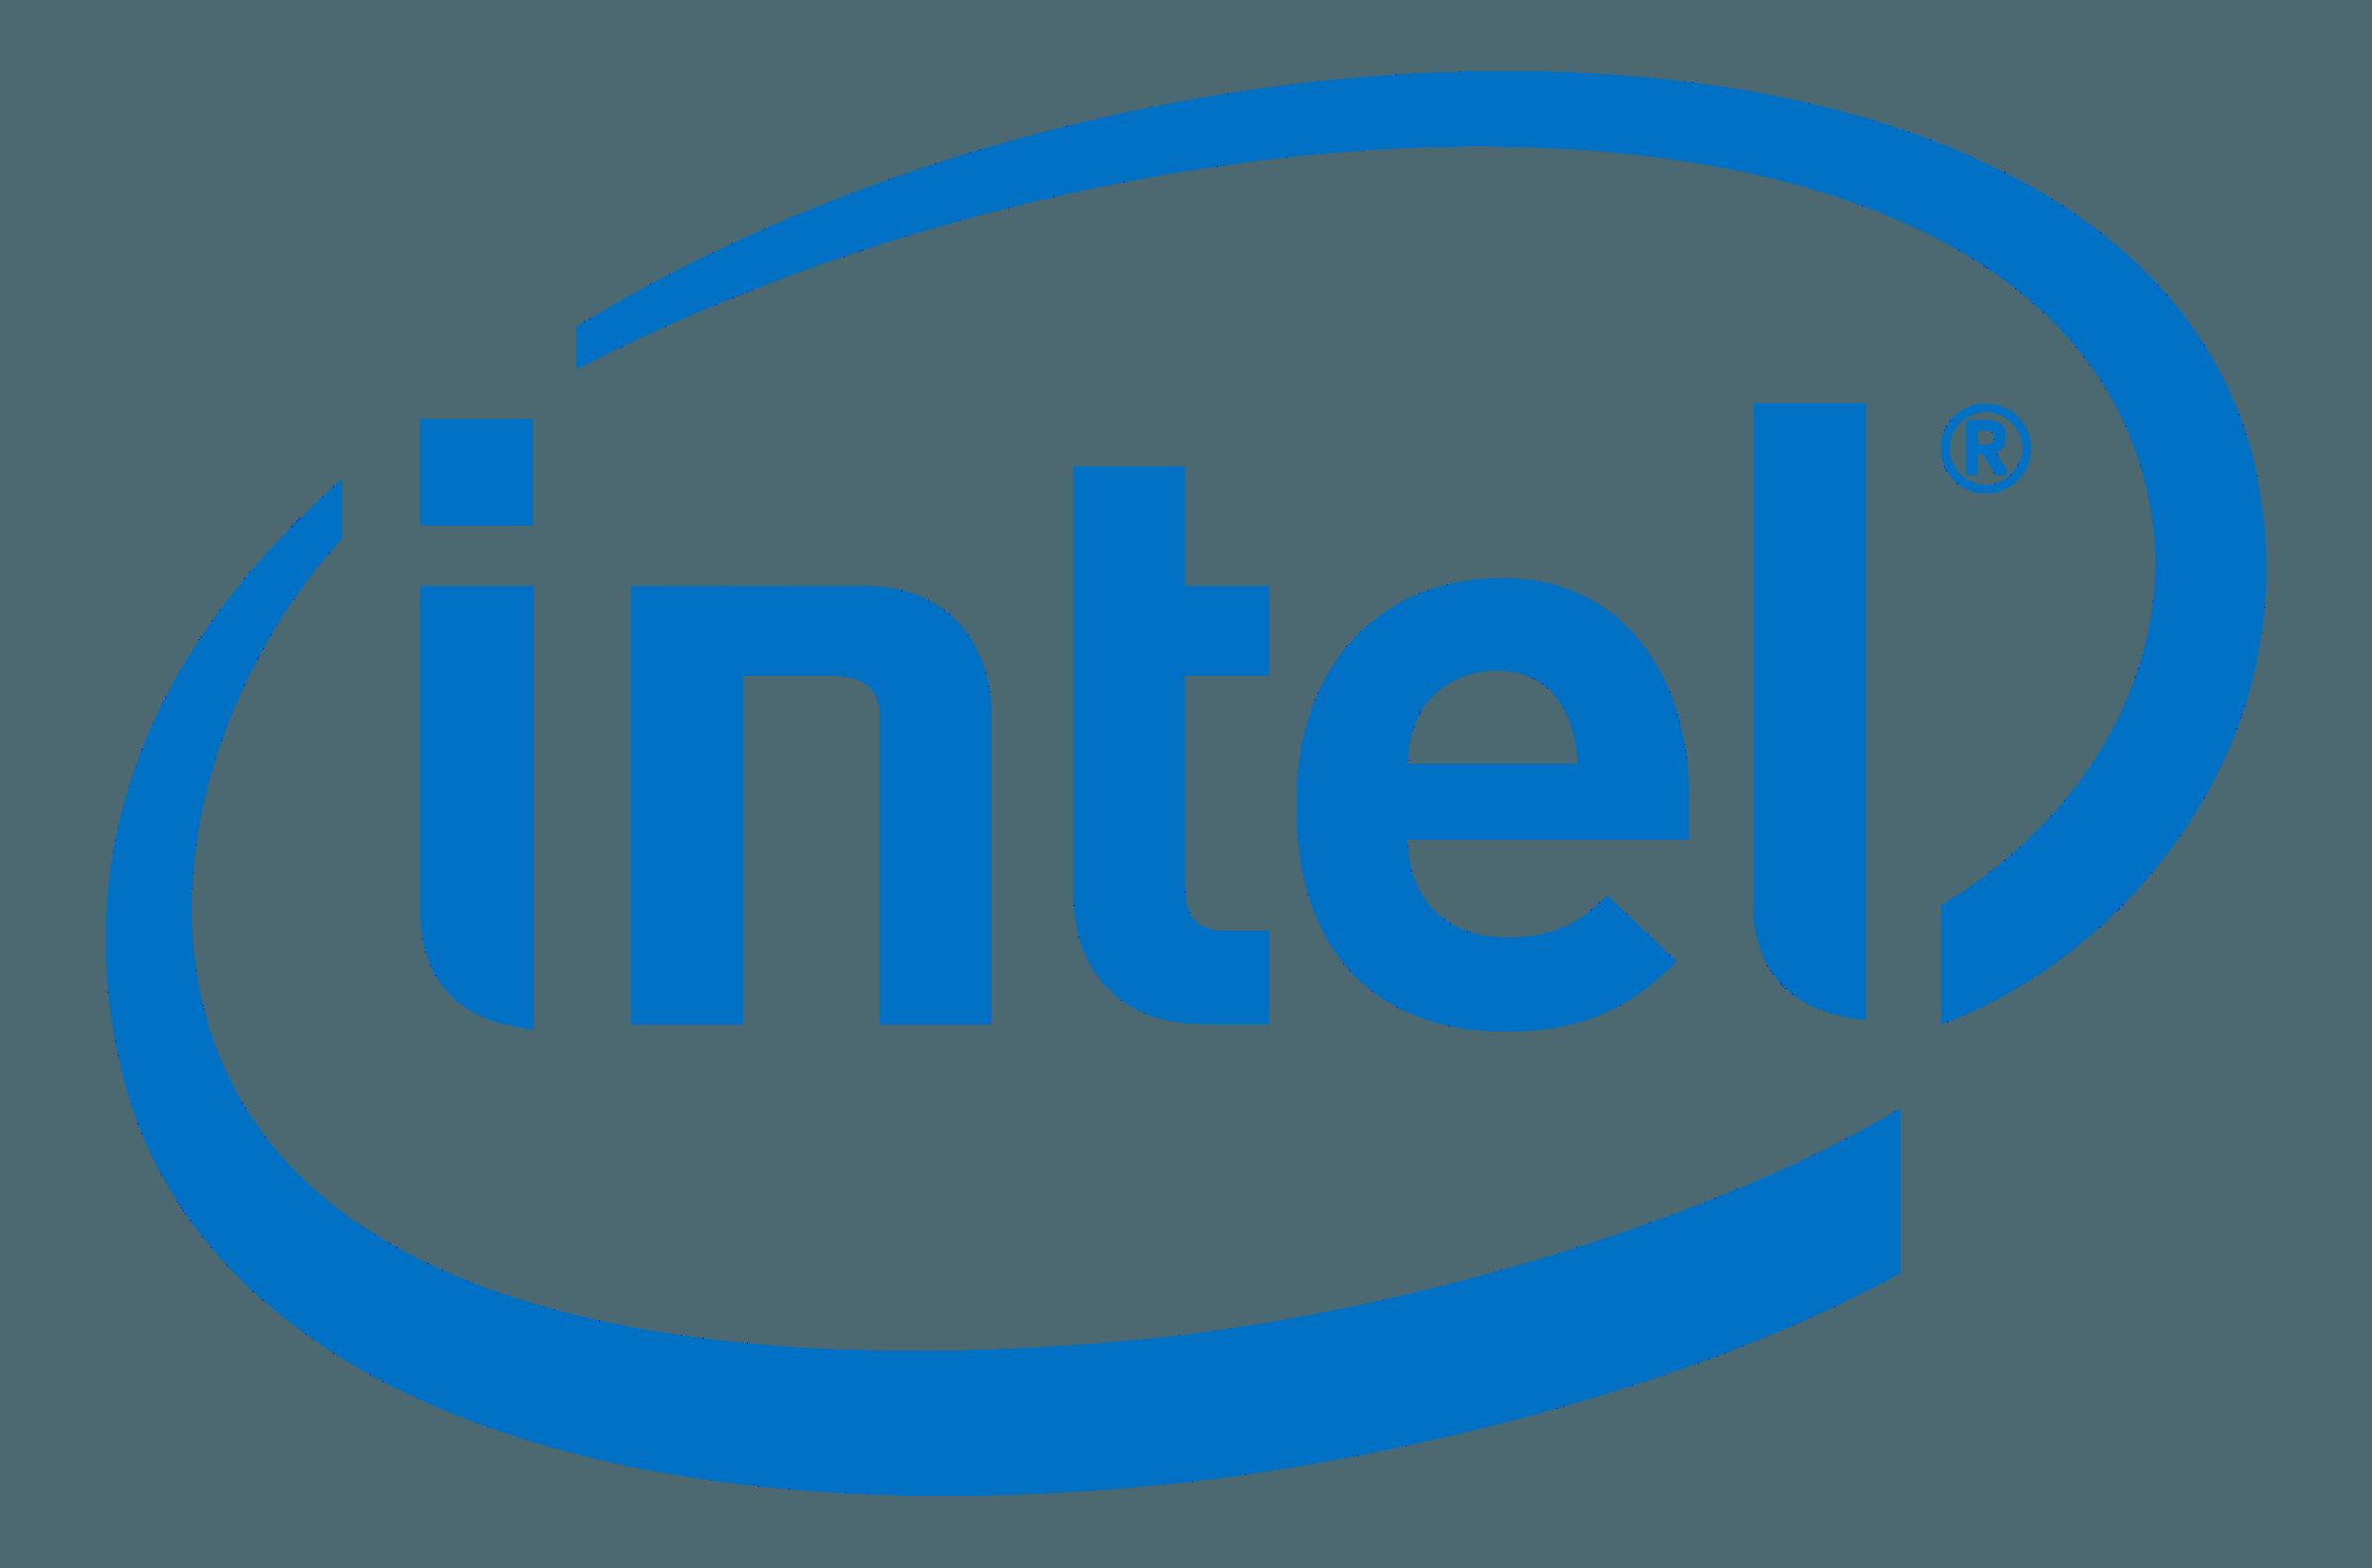 Intel website homepage